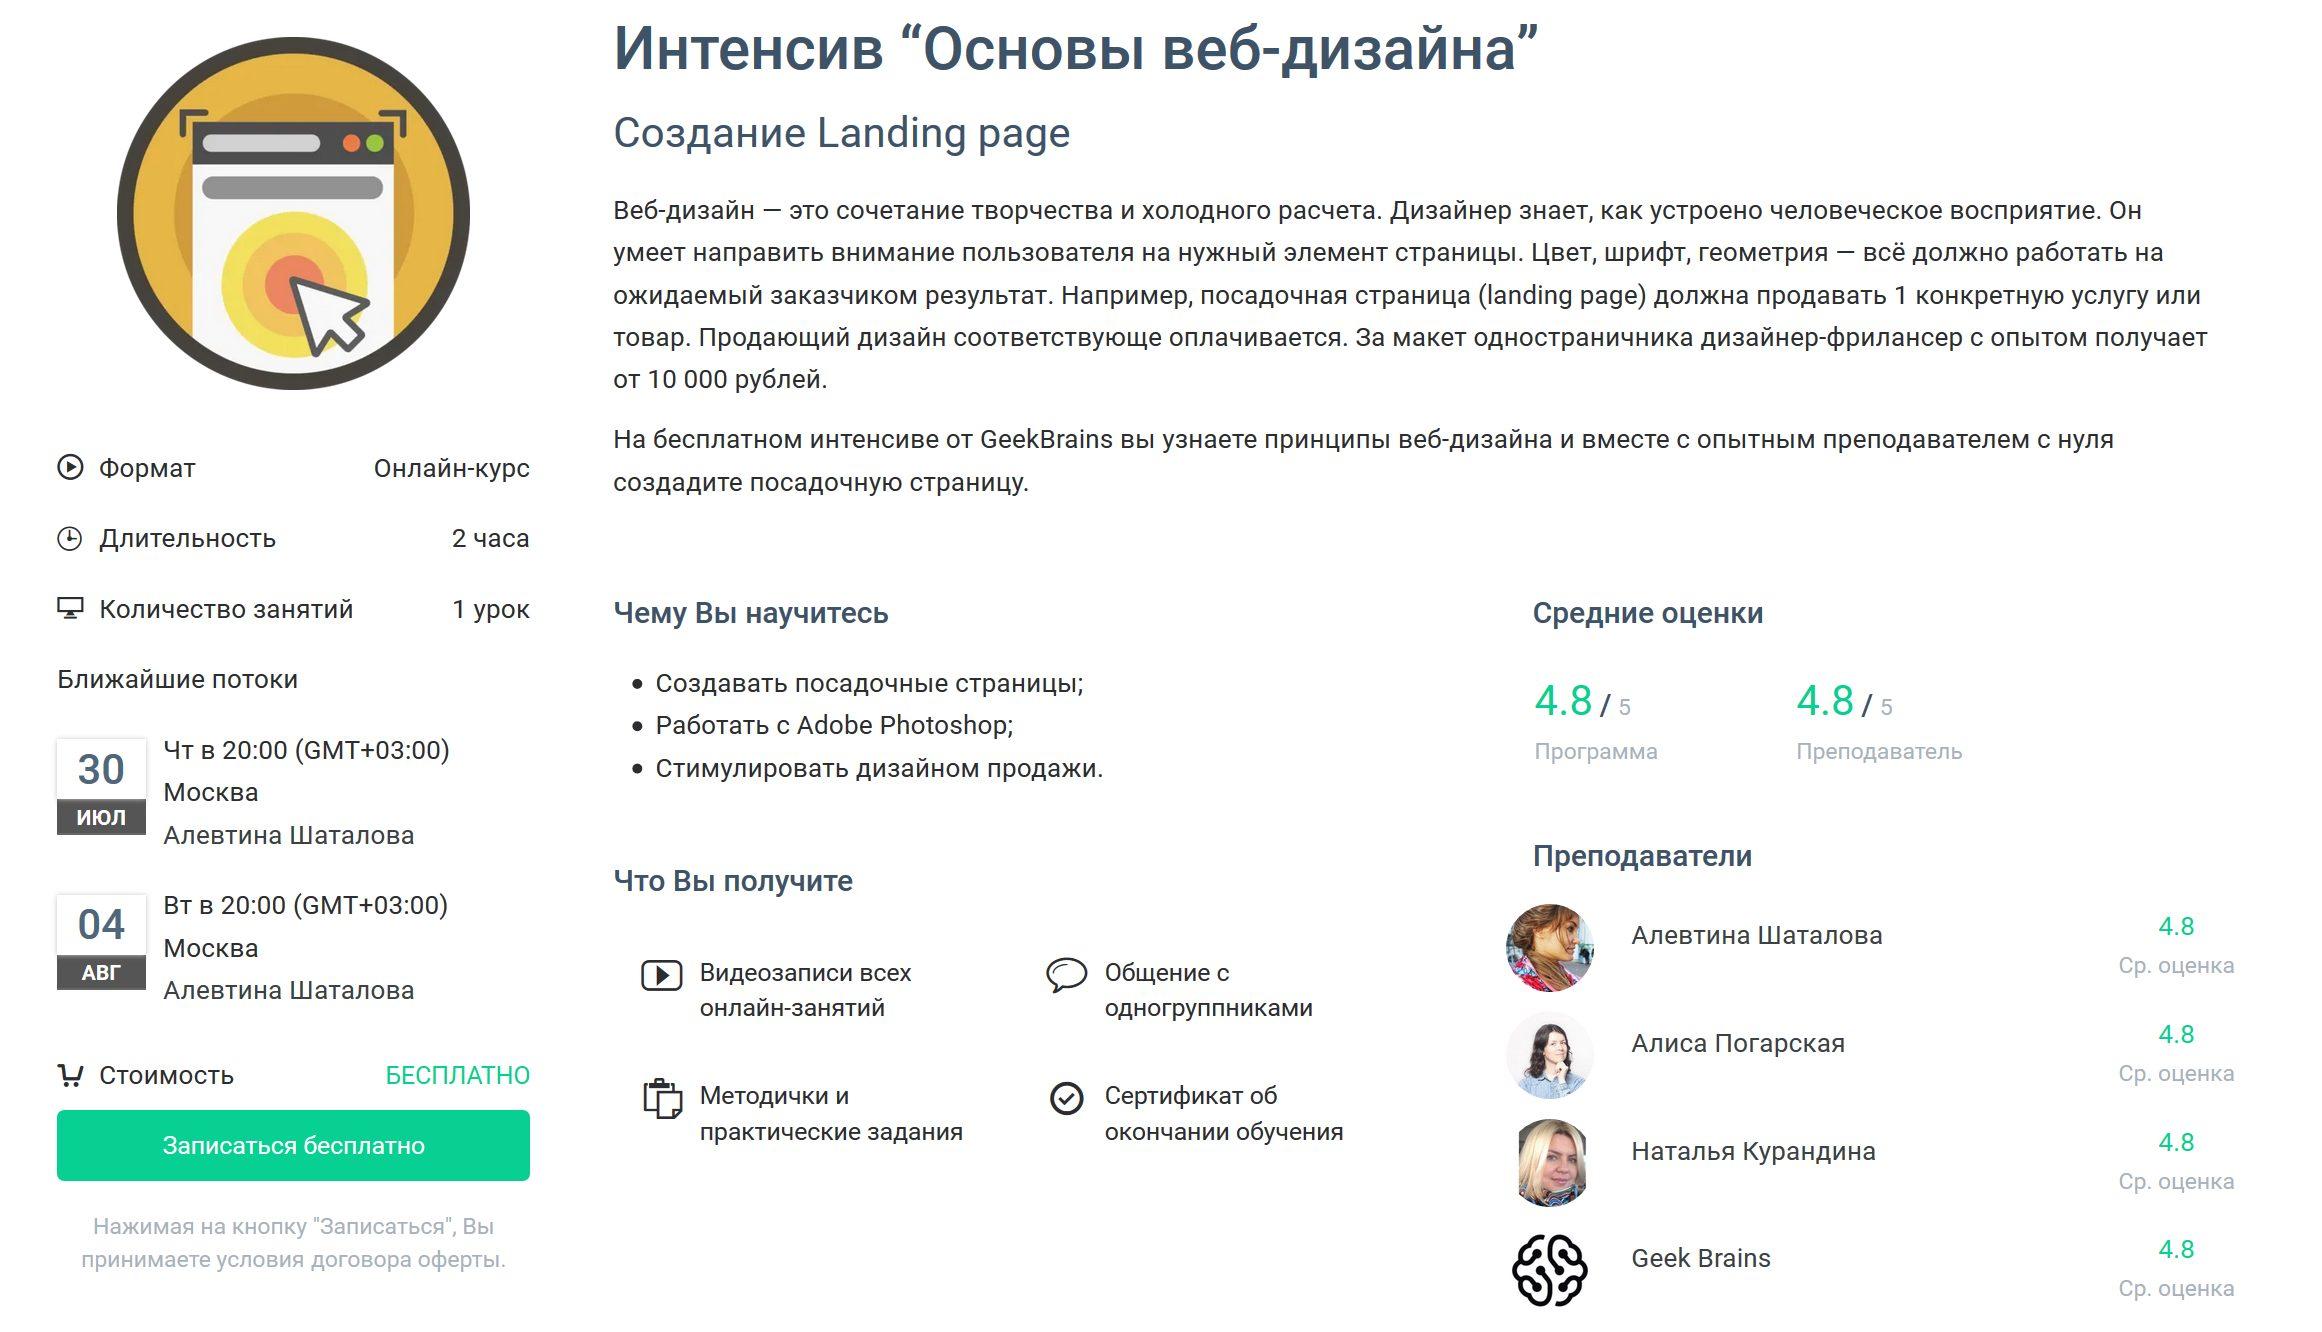 Обучение веб-дизайну - бесплатные курсы веб-дизайна с нуля онлайн-уроки для начинающих на GeekBrains.ru GeekBrains - образовательный портал